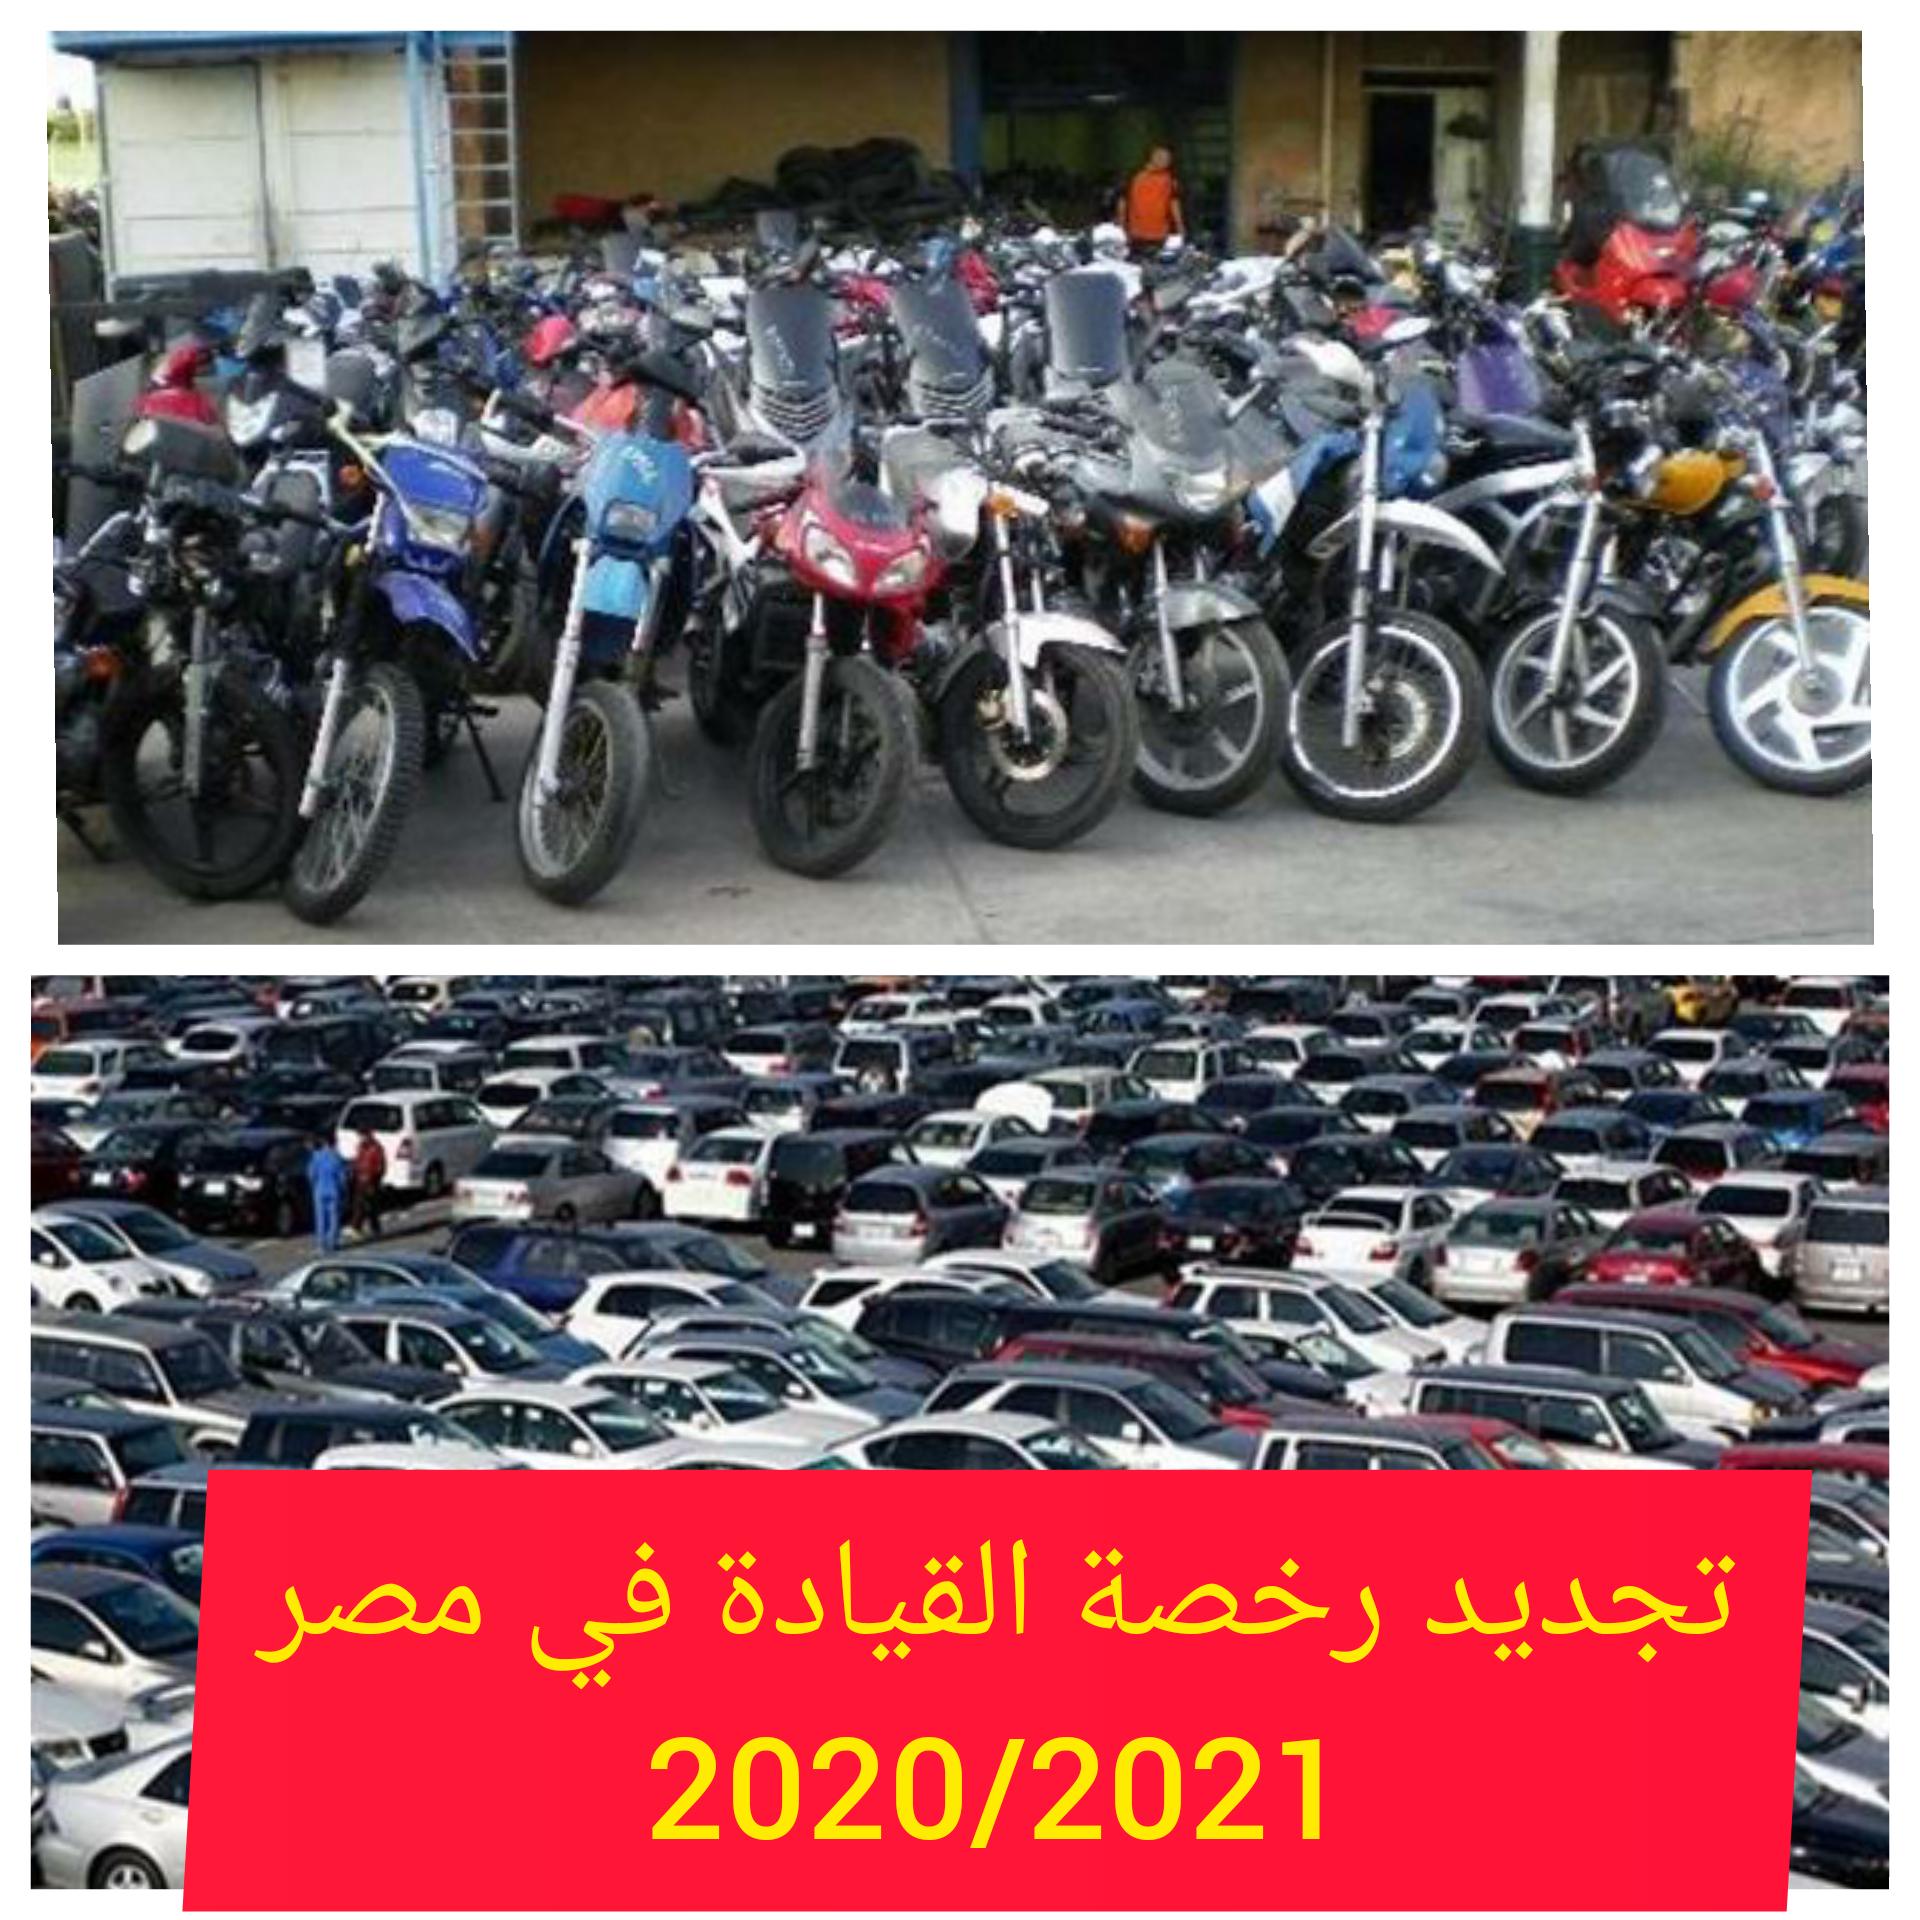 تجديد رخصة القيادة للعربية أو الموتسكل في مصر2020 2021